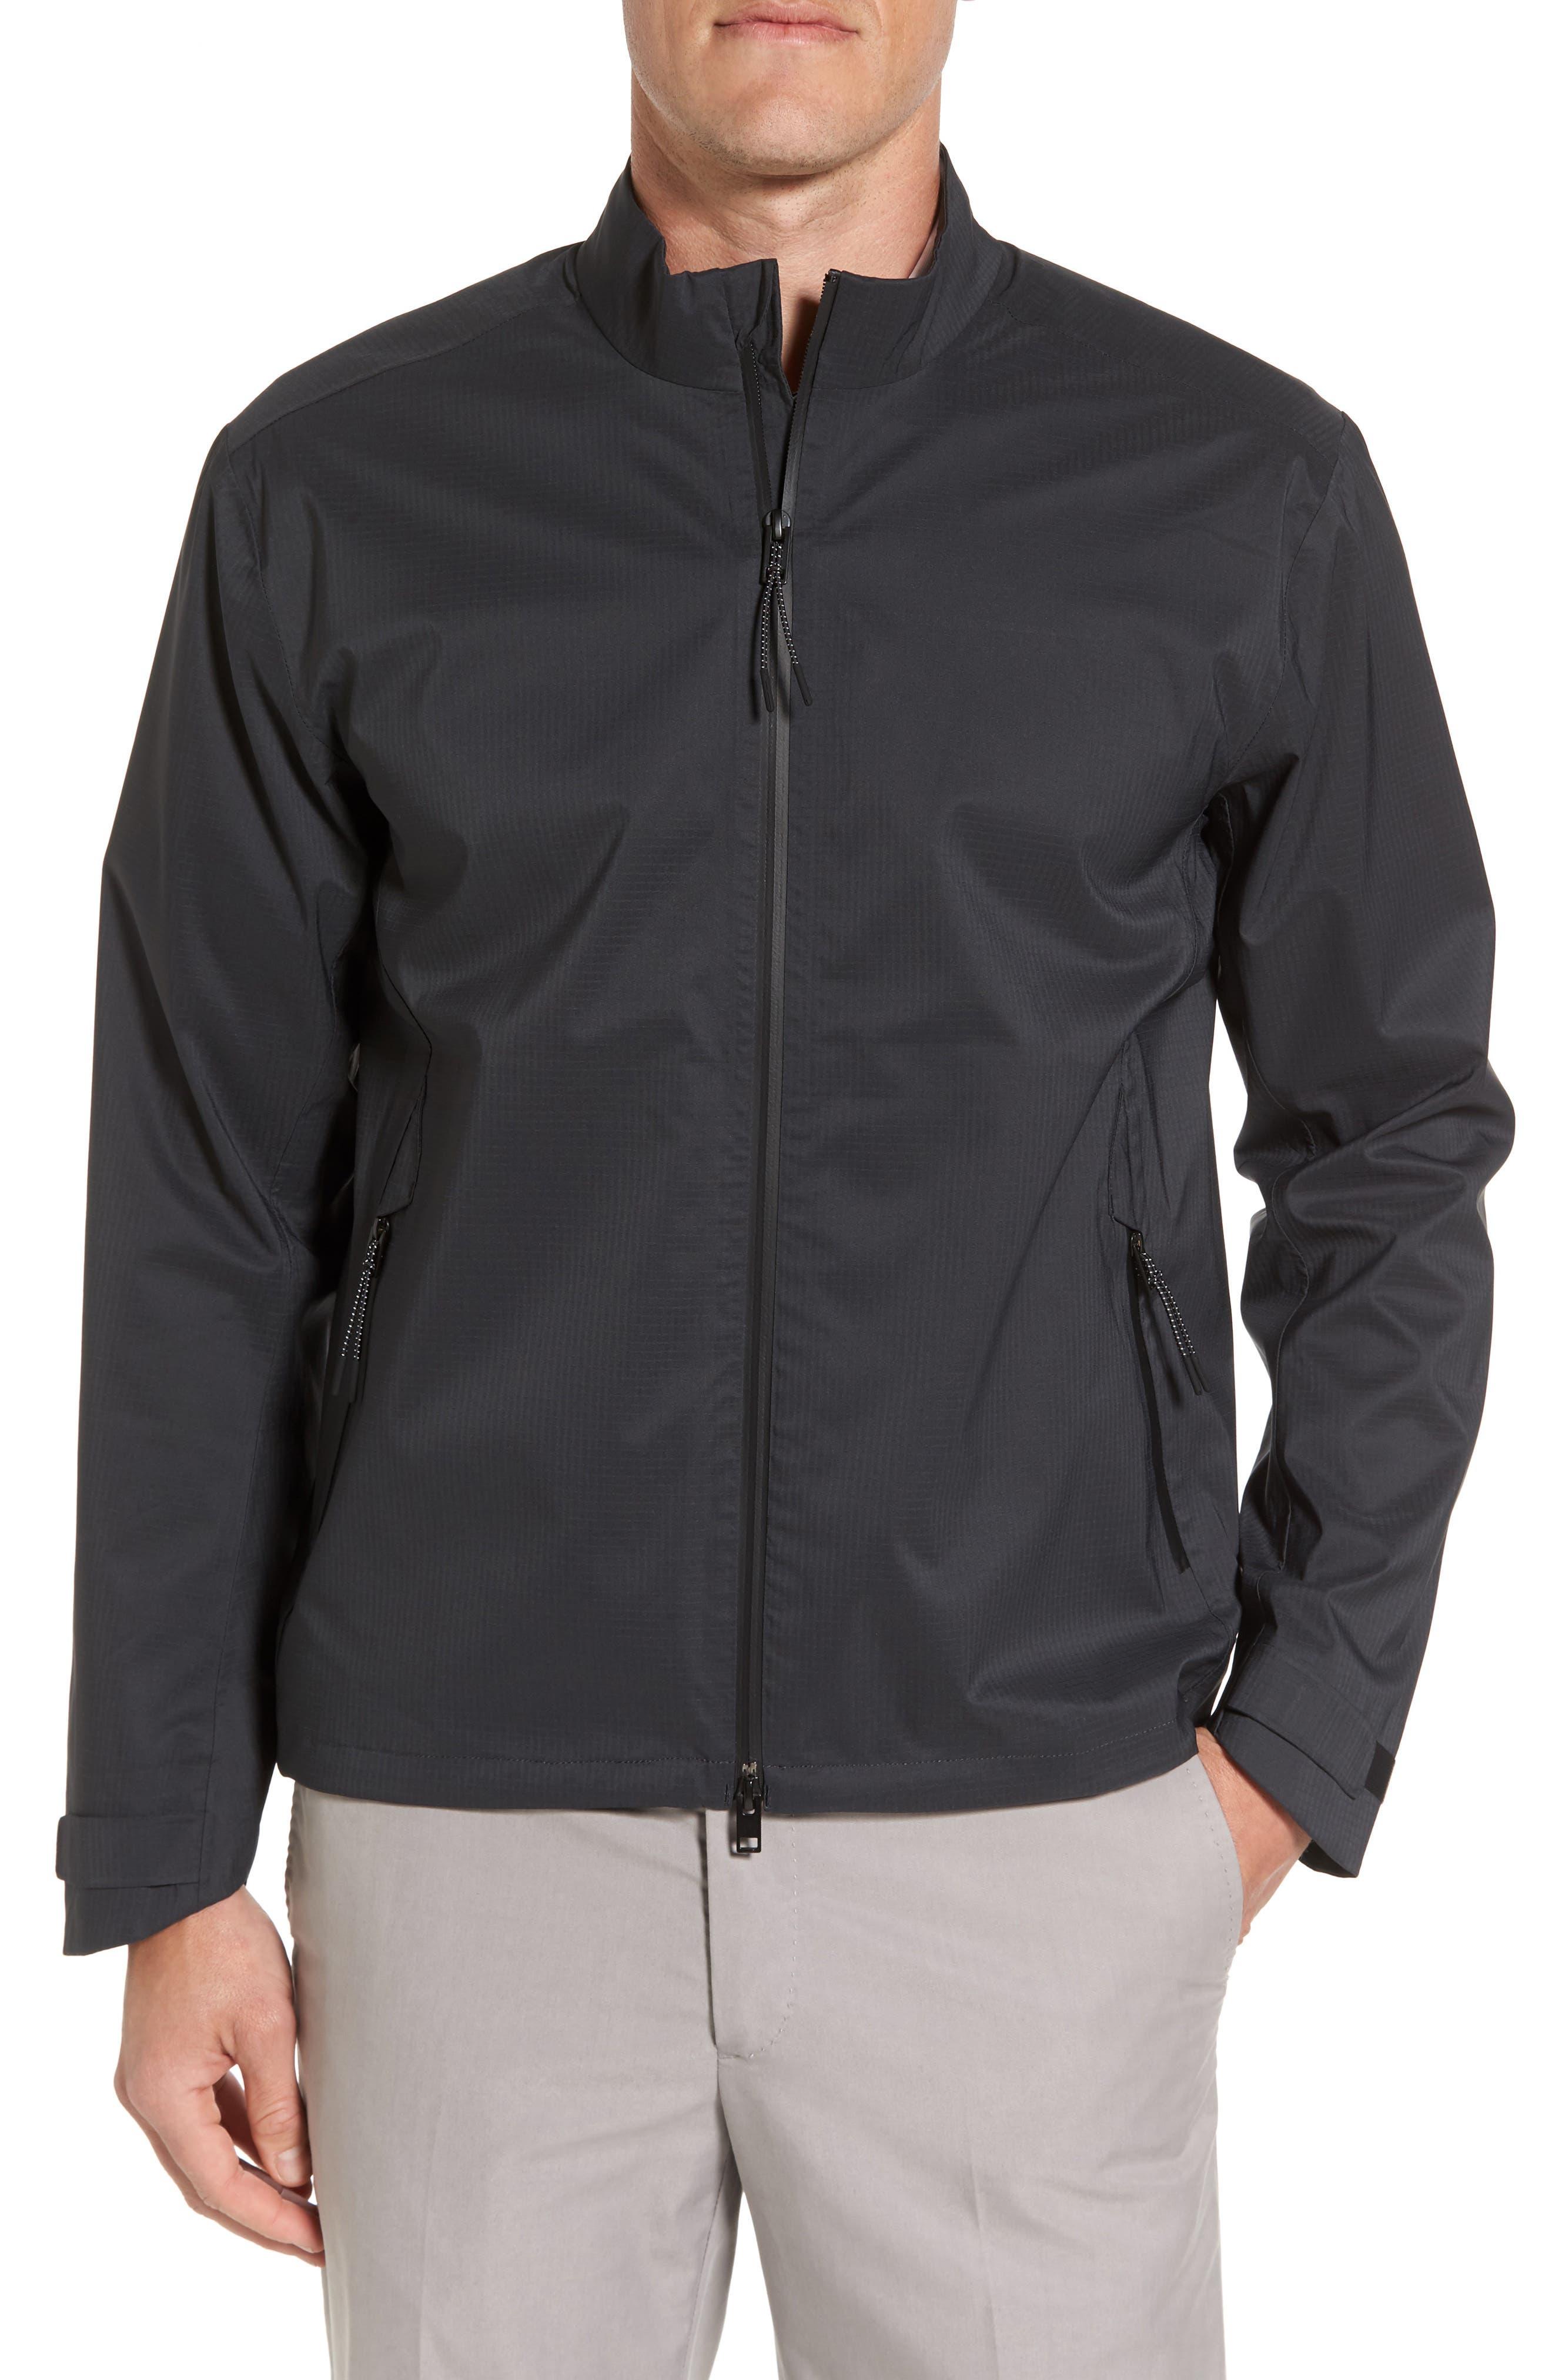 AG Highland Tech Jacket